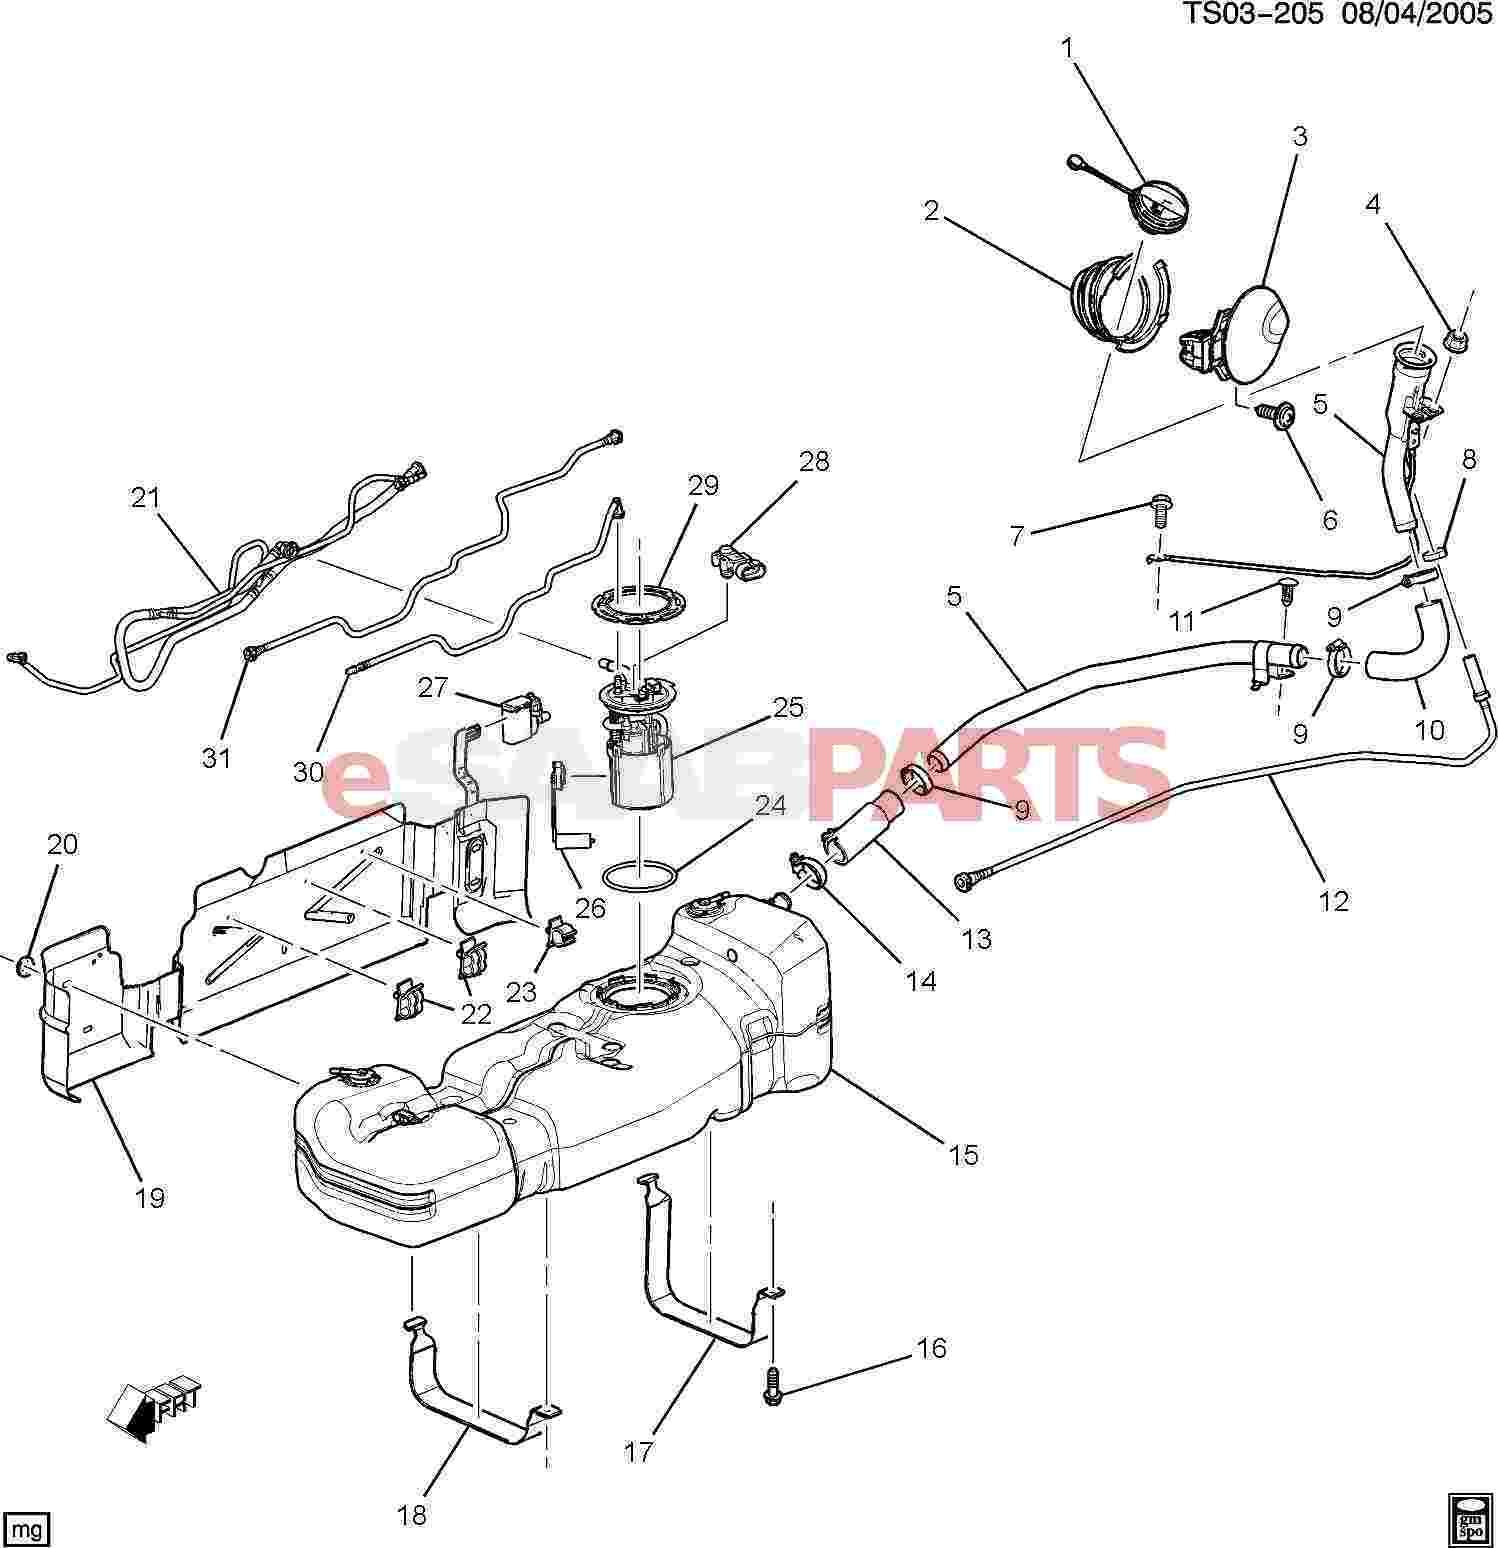 saab 9 3 vacuum diagram saab free engine image for user